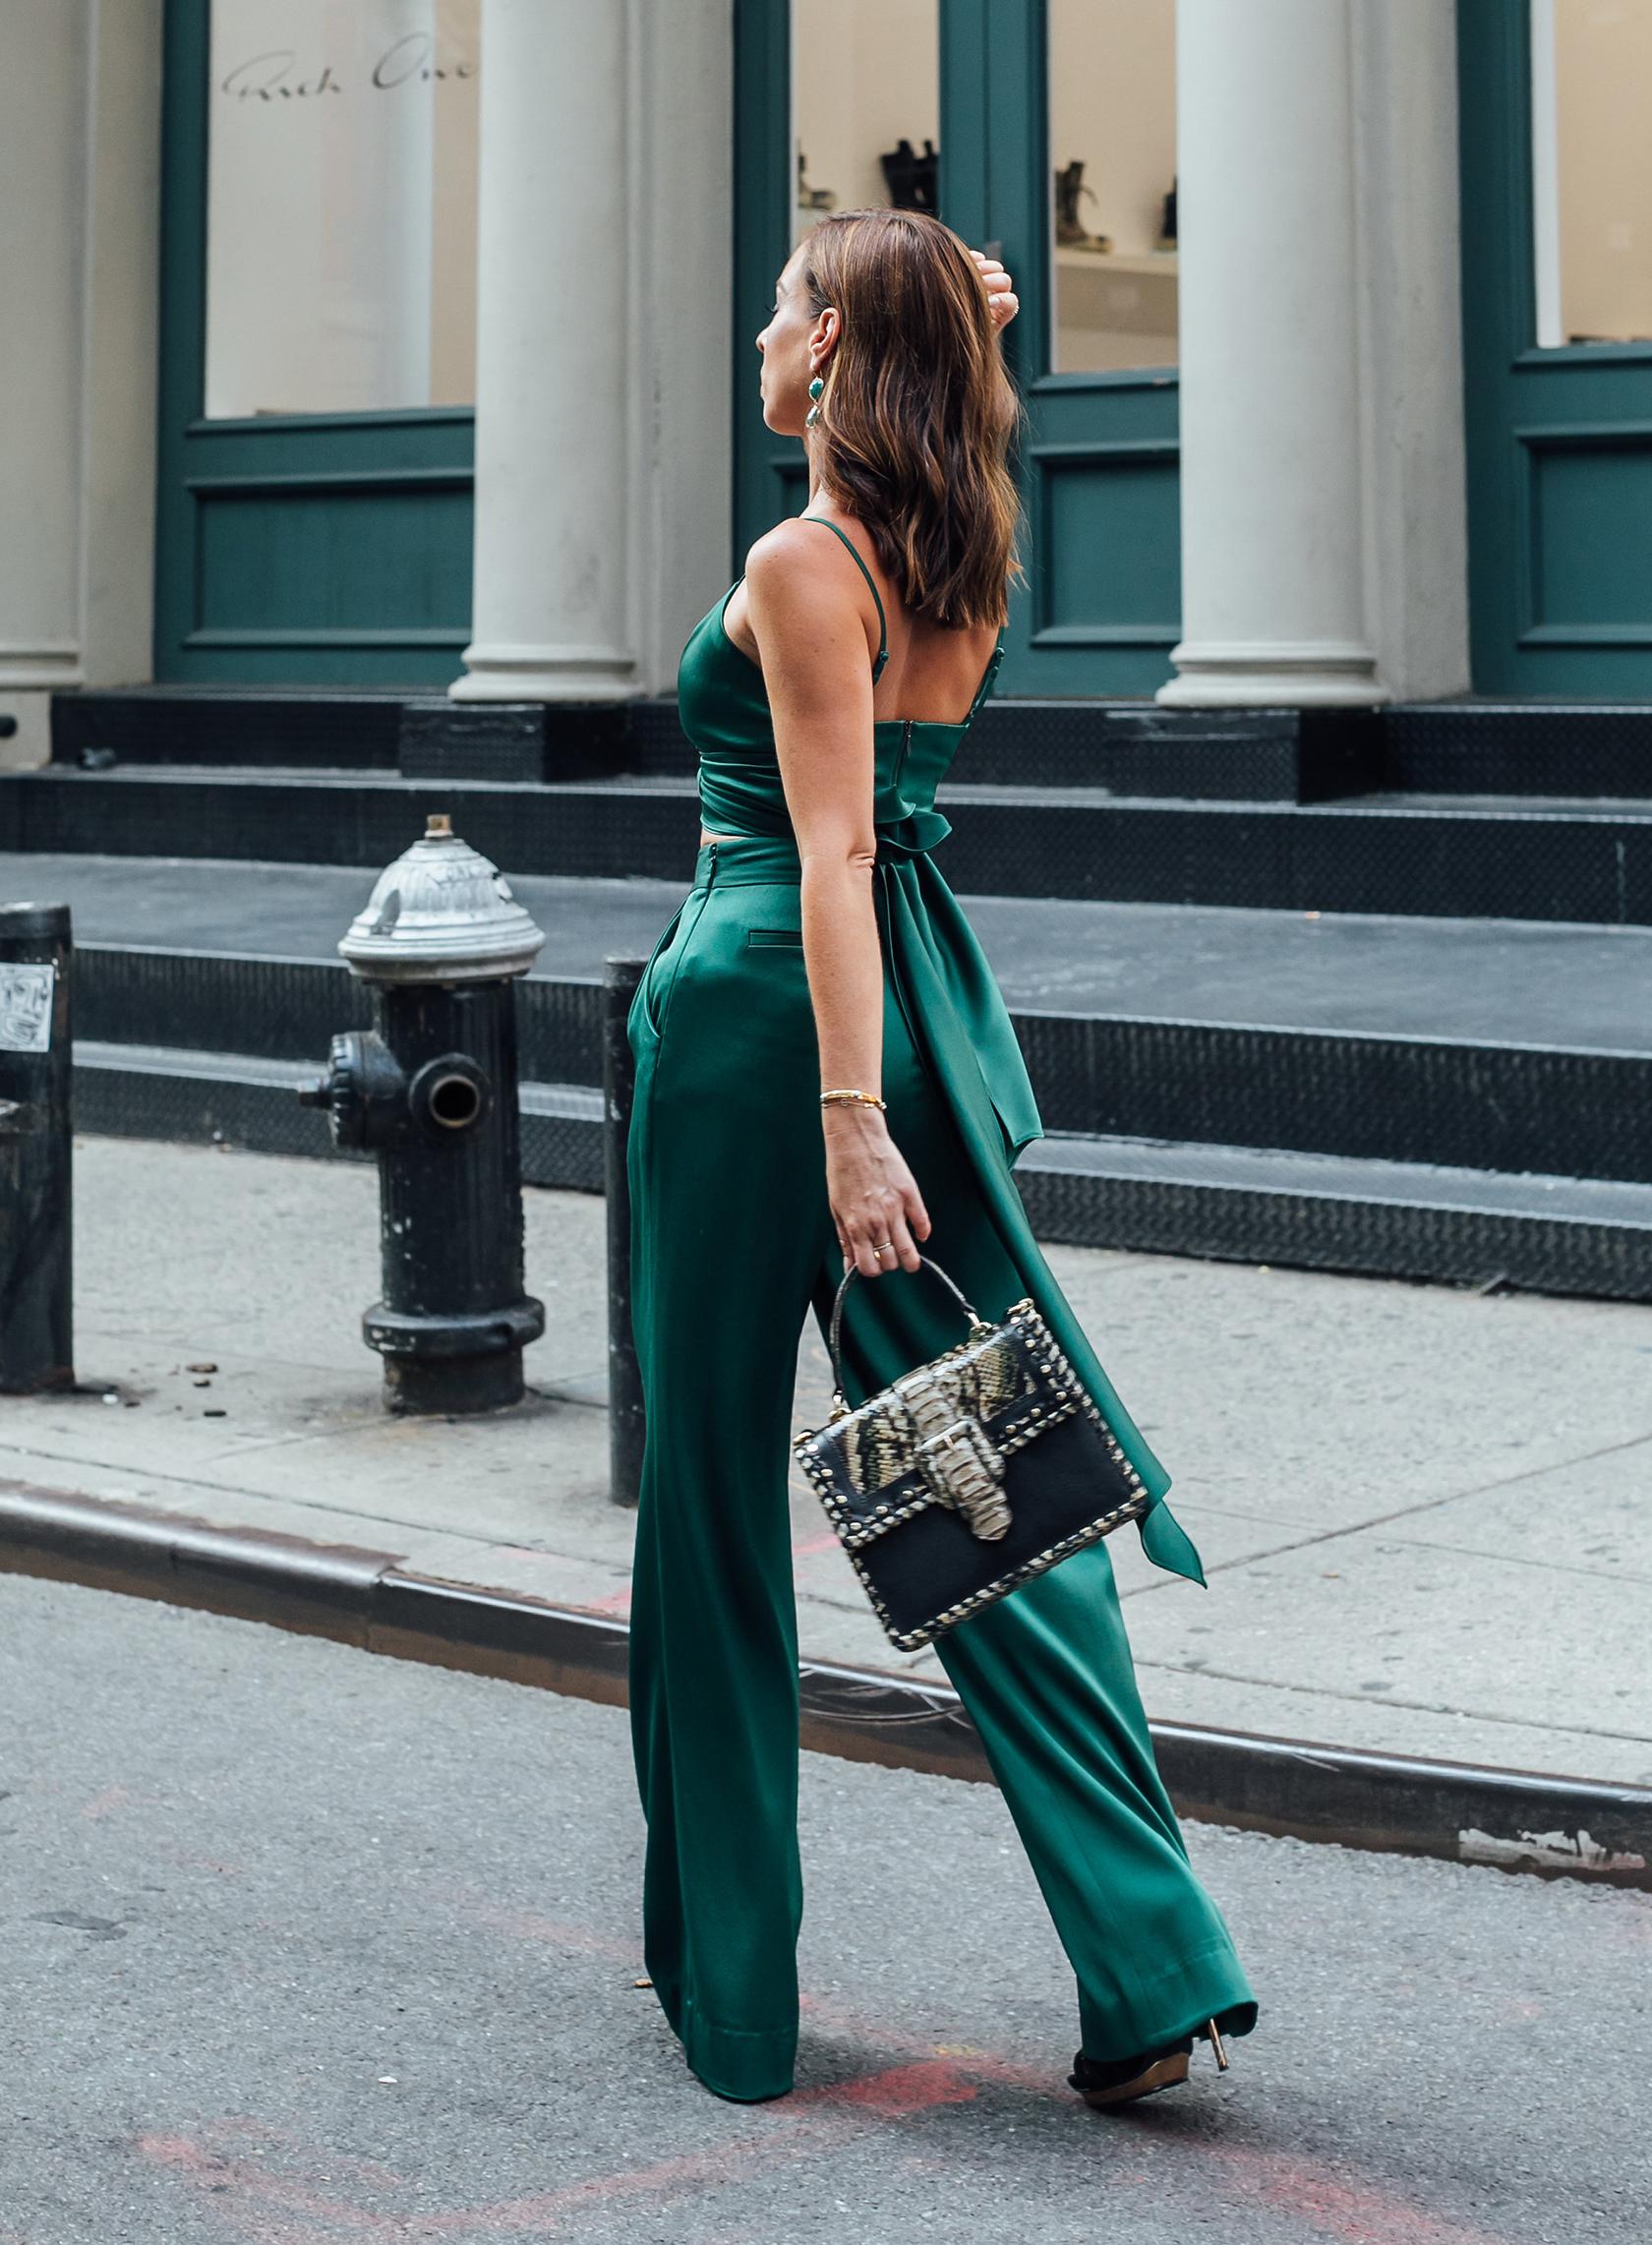 màu xanh cổ vịt nịnh da street style